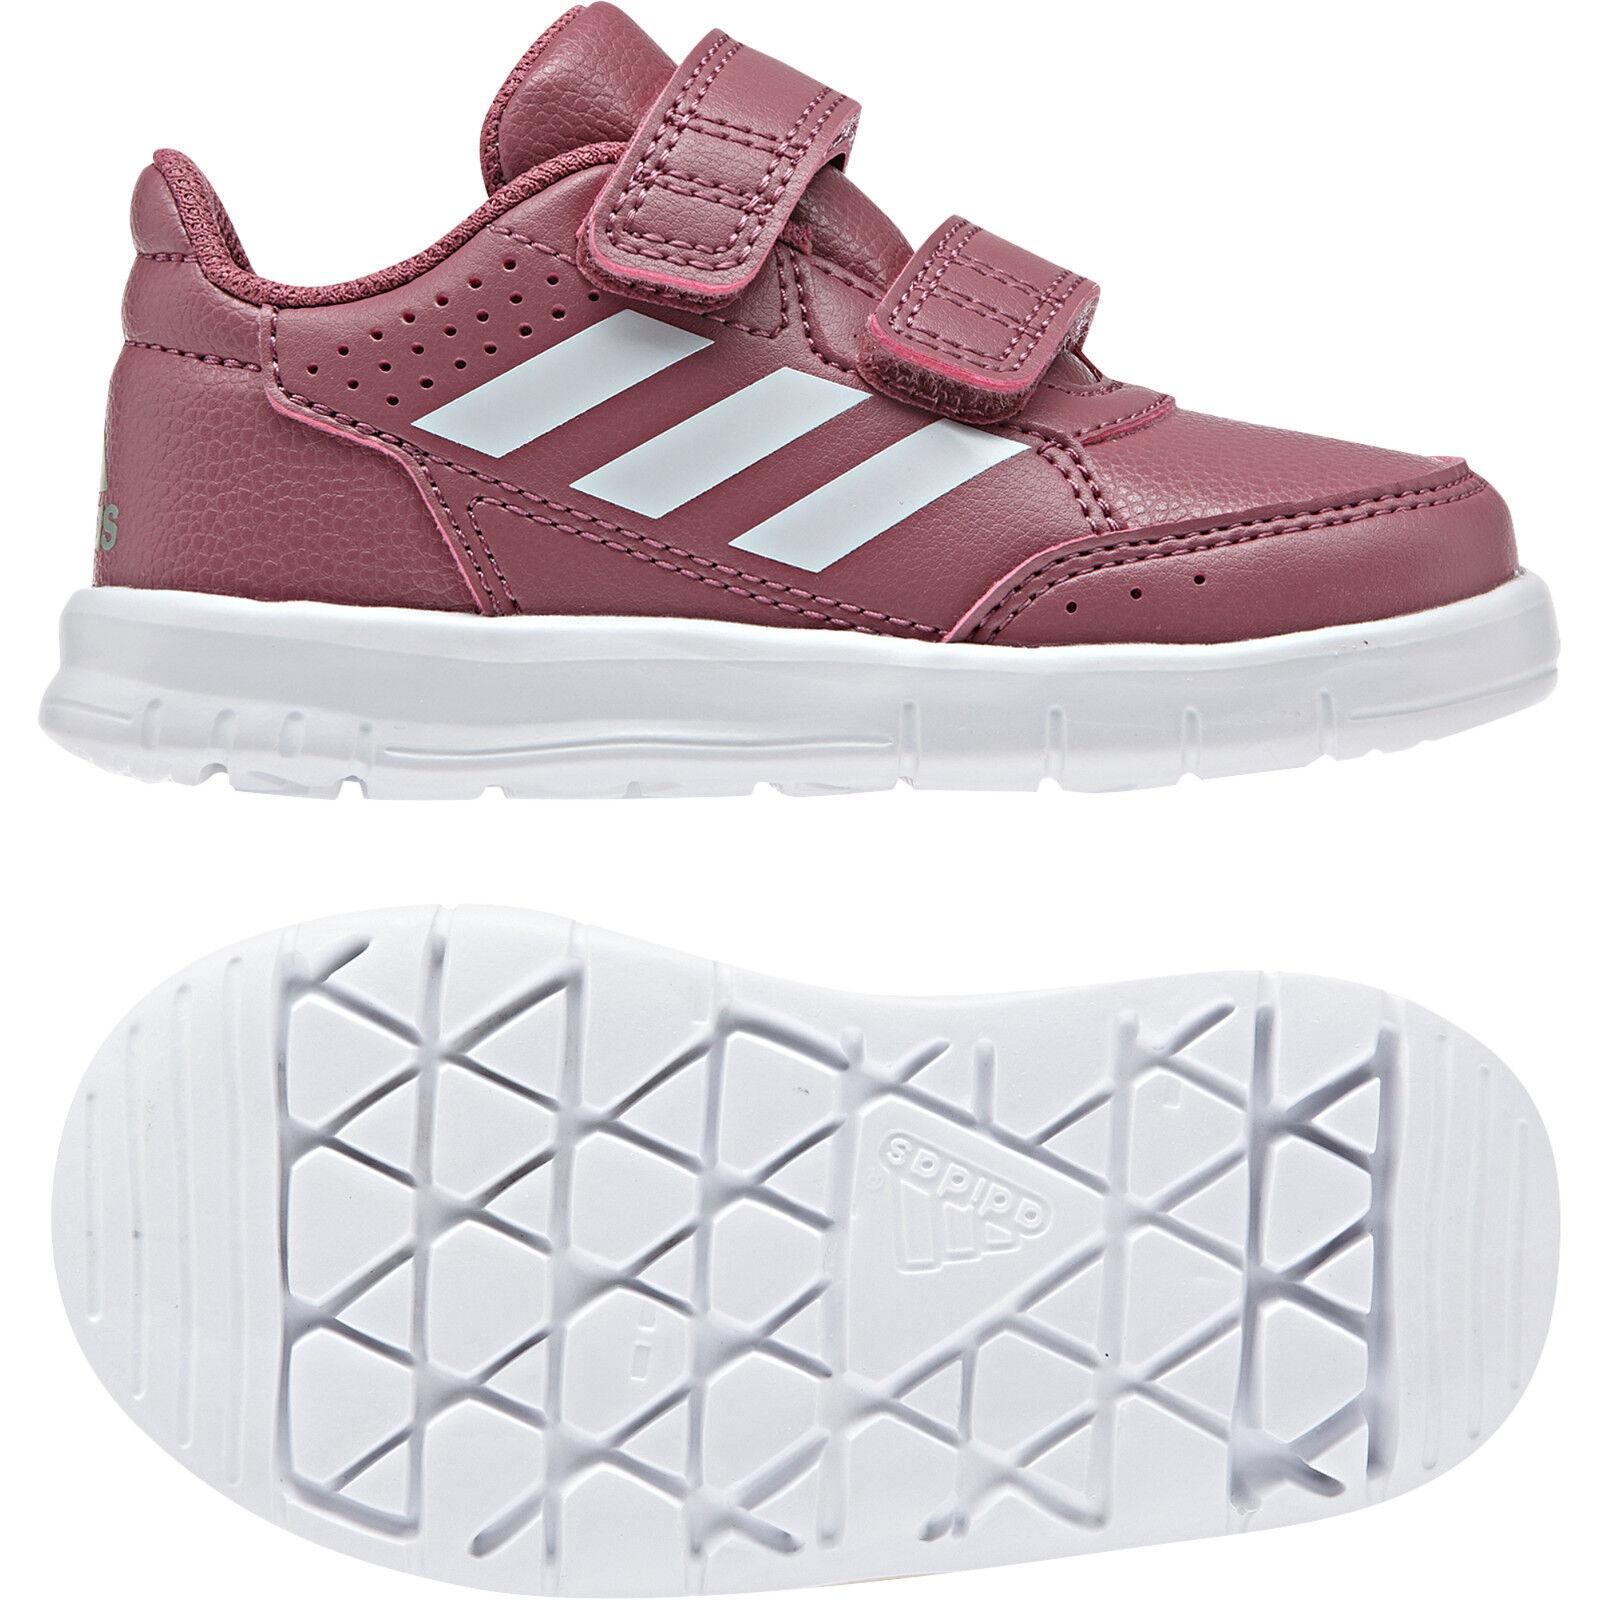 Adidas Neo Kids Cipő Csecsemők Lányok Alkalmi Altasport CF Teniszütők Futás B37976